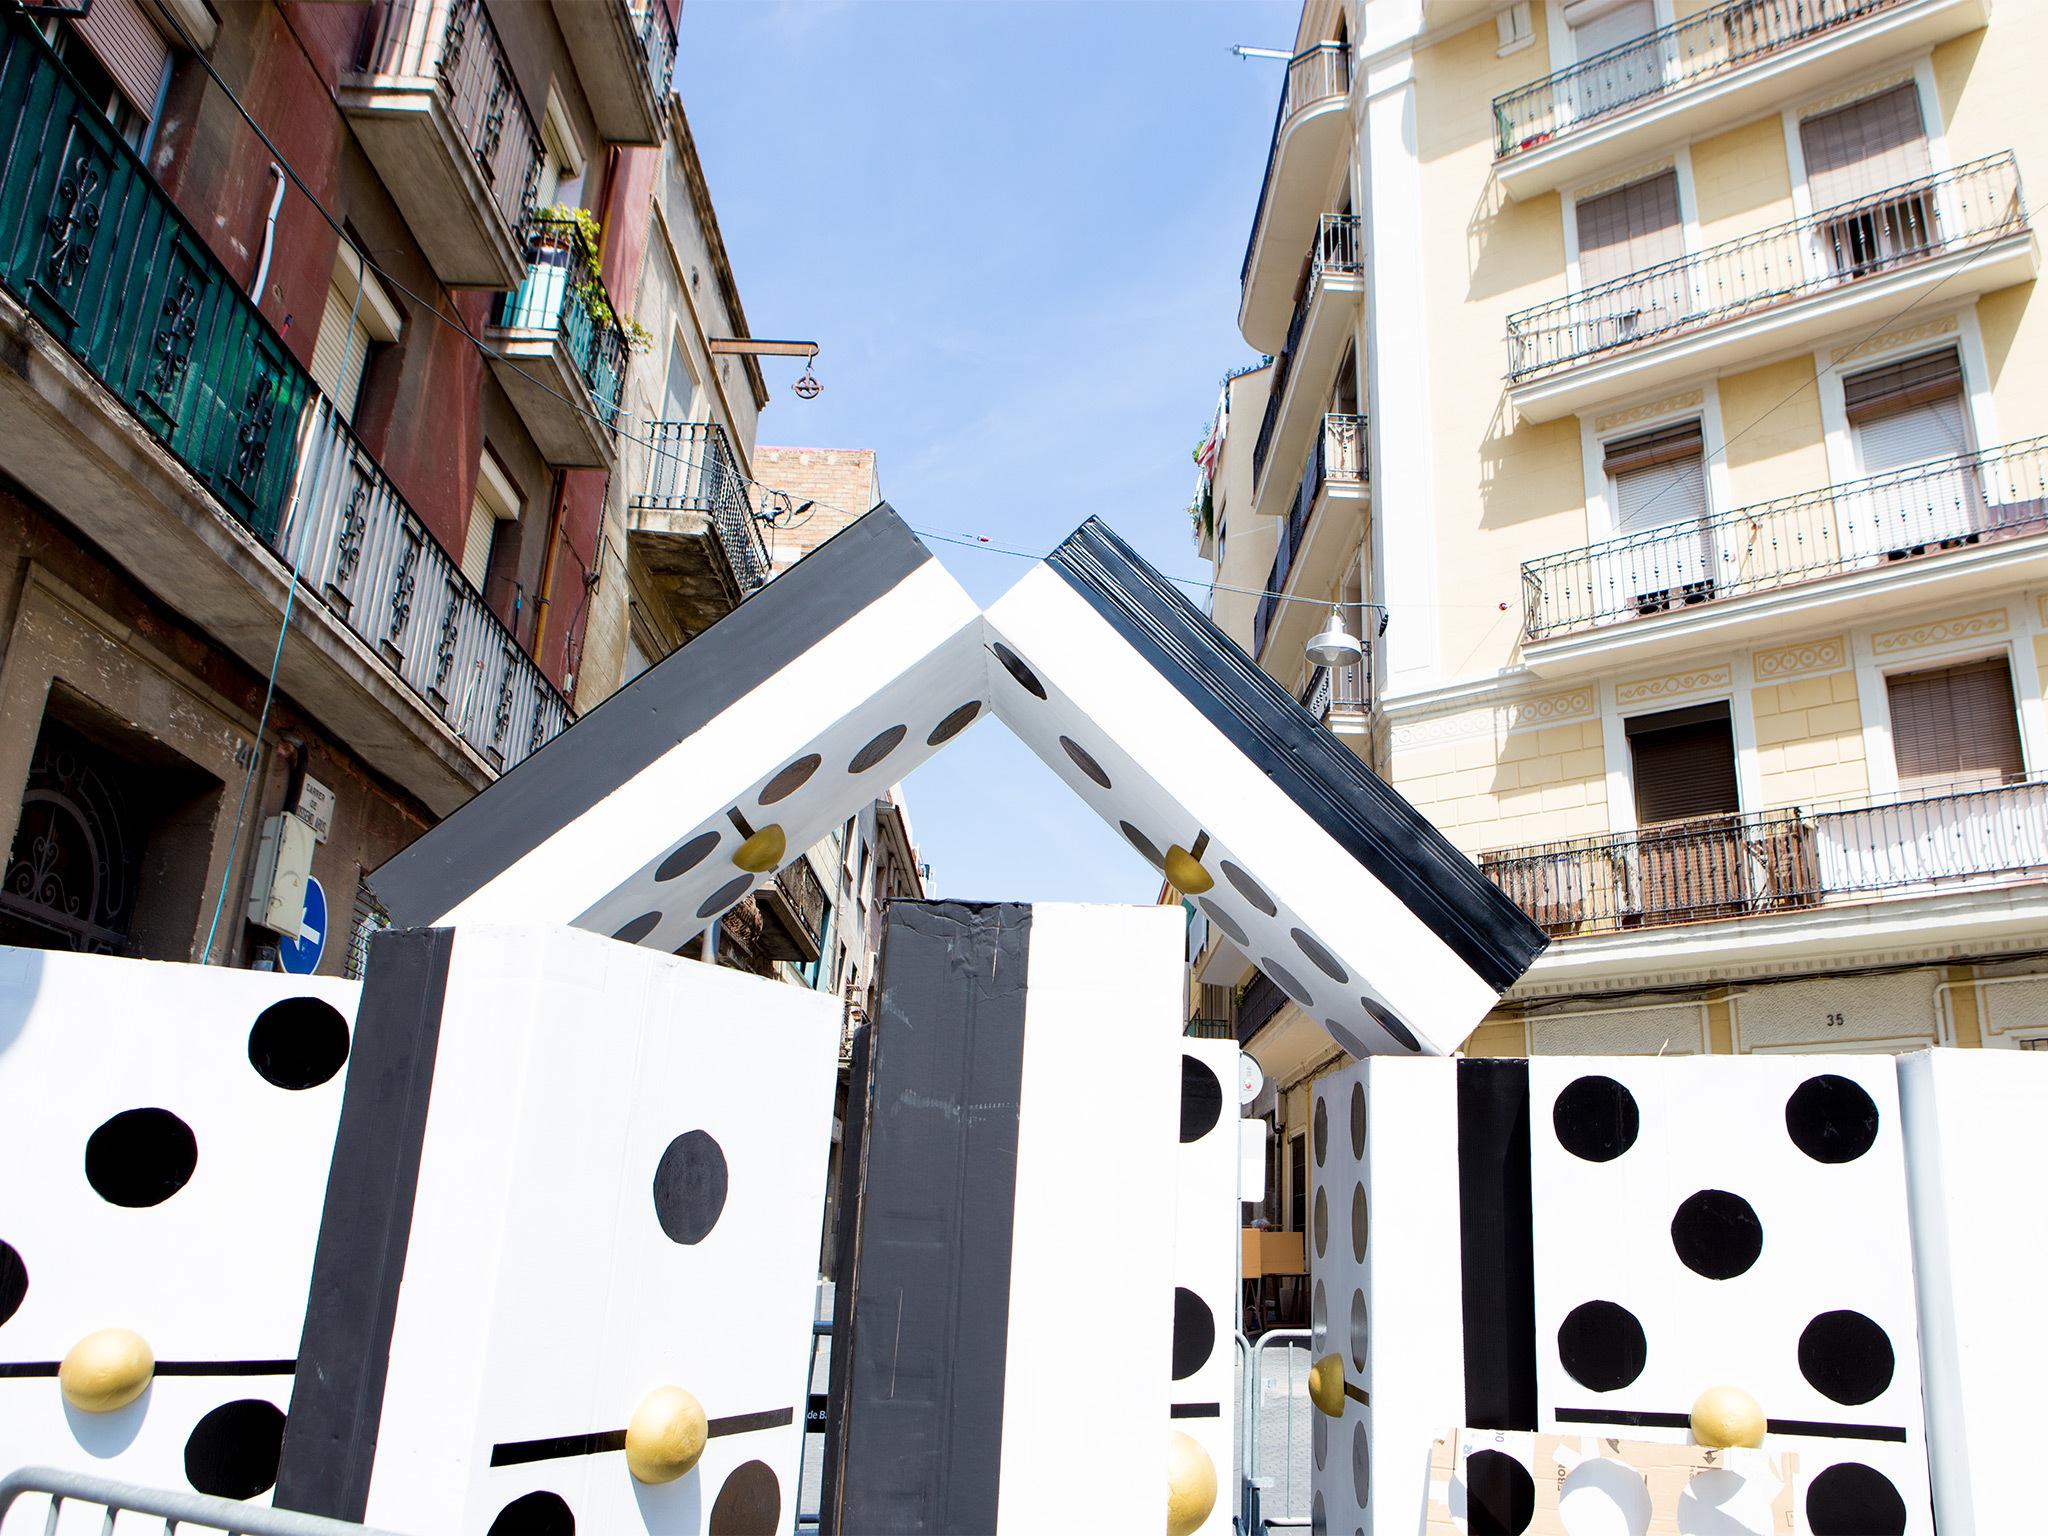 Festes de Sants 2019: Plaça de la Farga